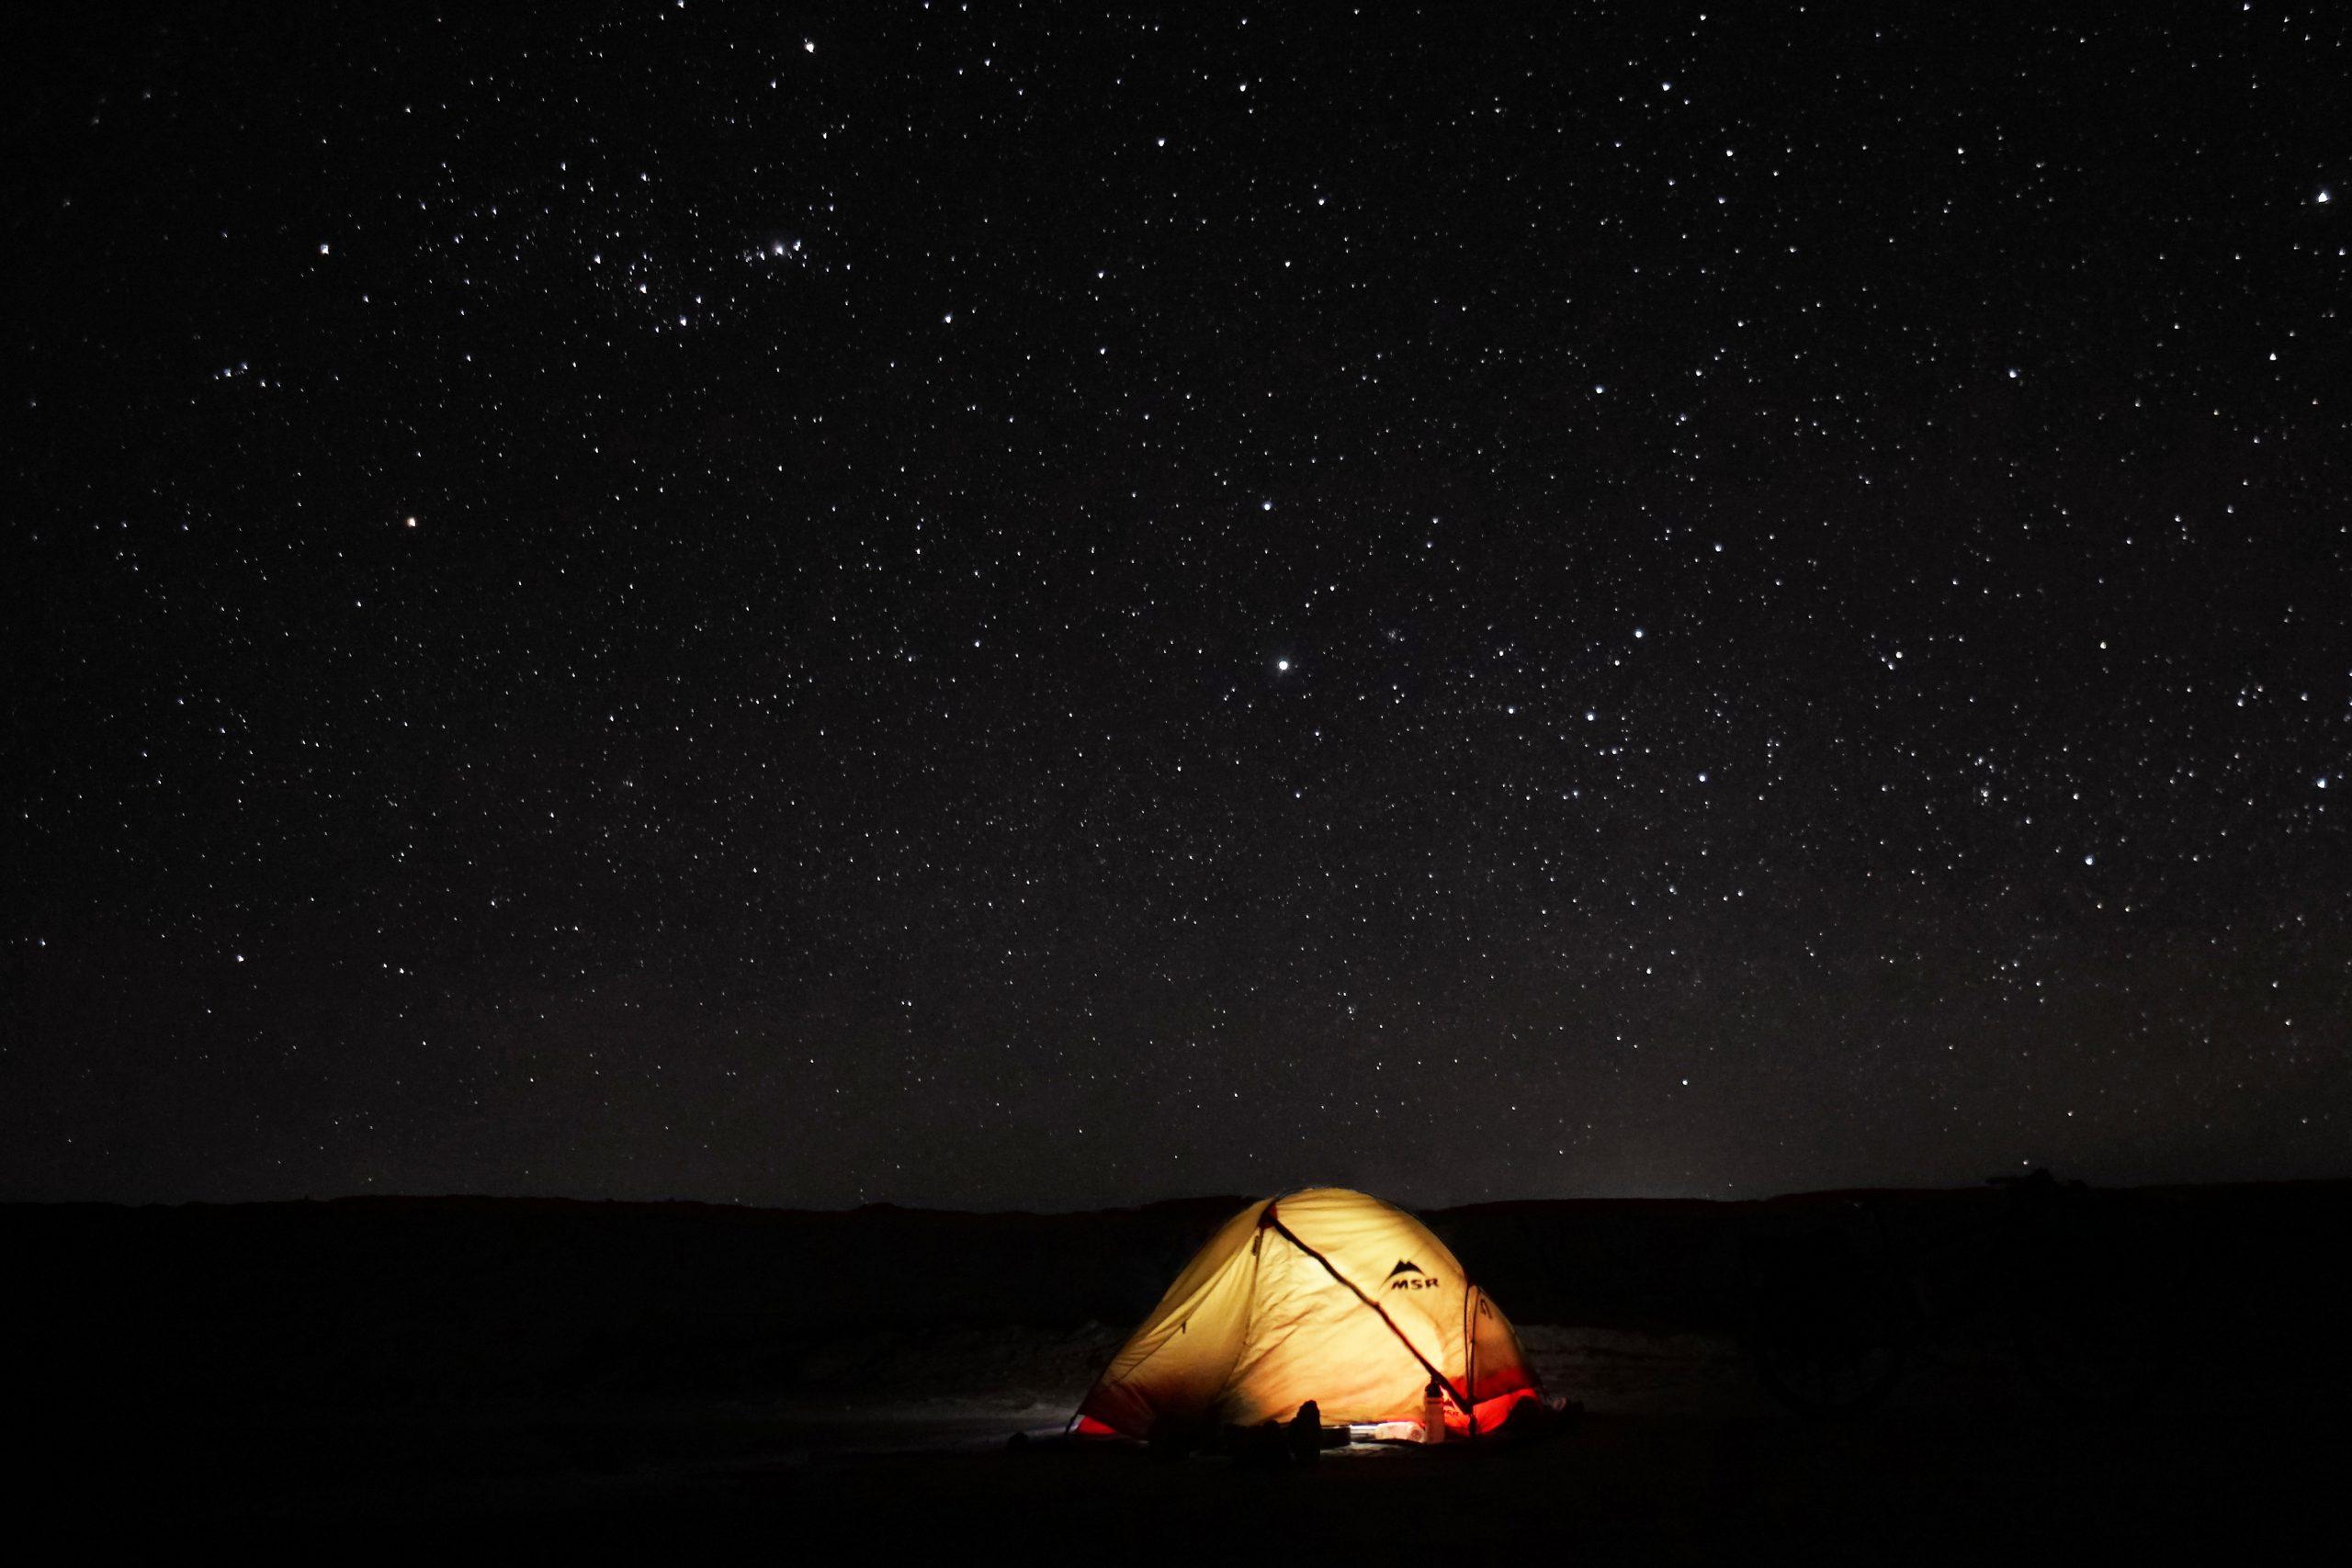 Radreise Südamerika 2019 - Atacama - Sternenhimmel über meinem Zeltplatz